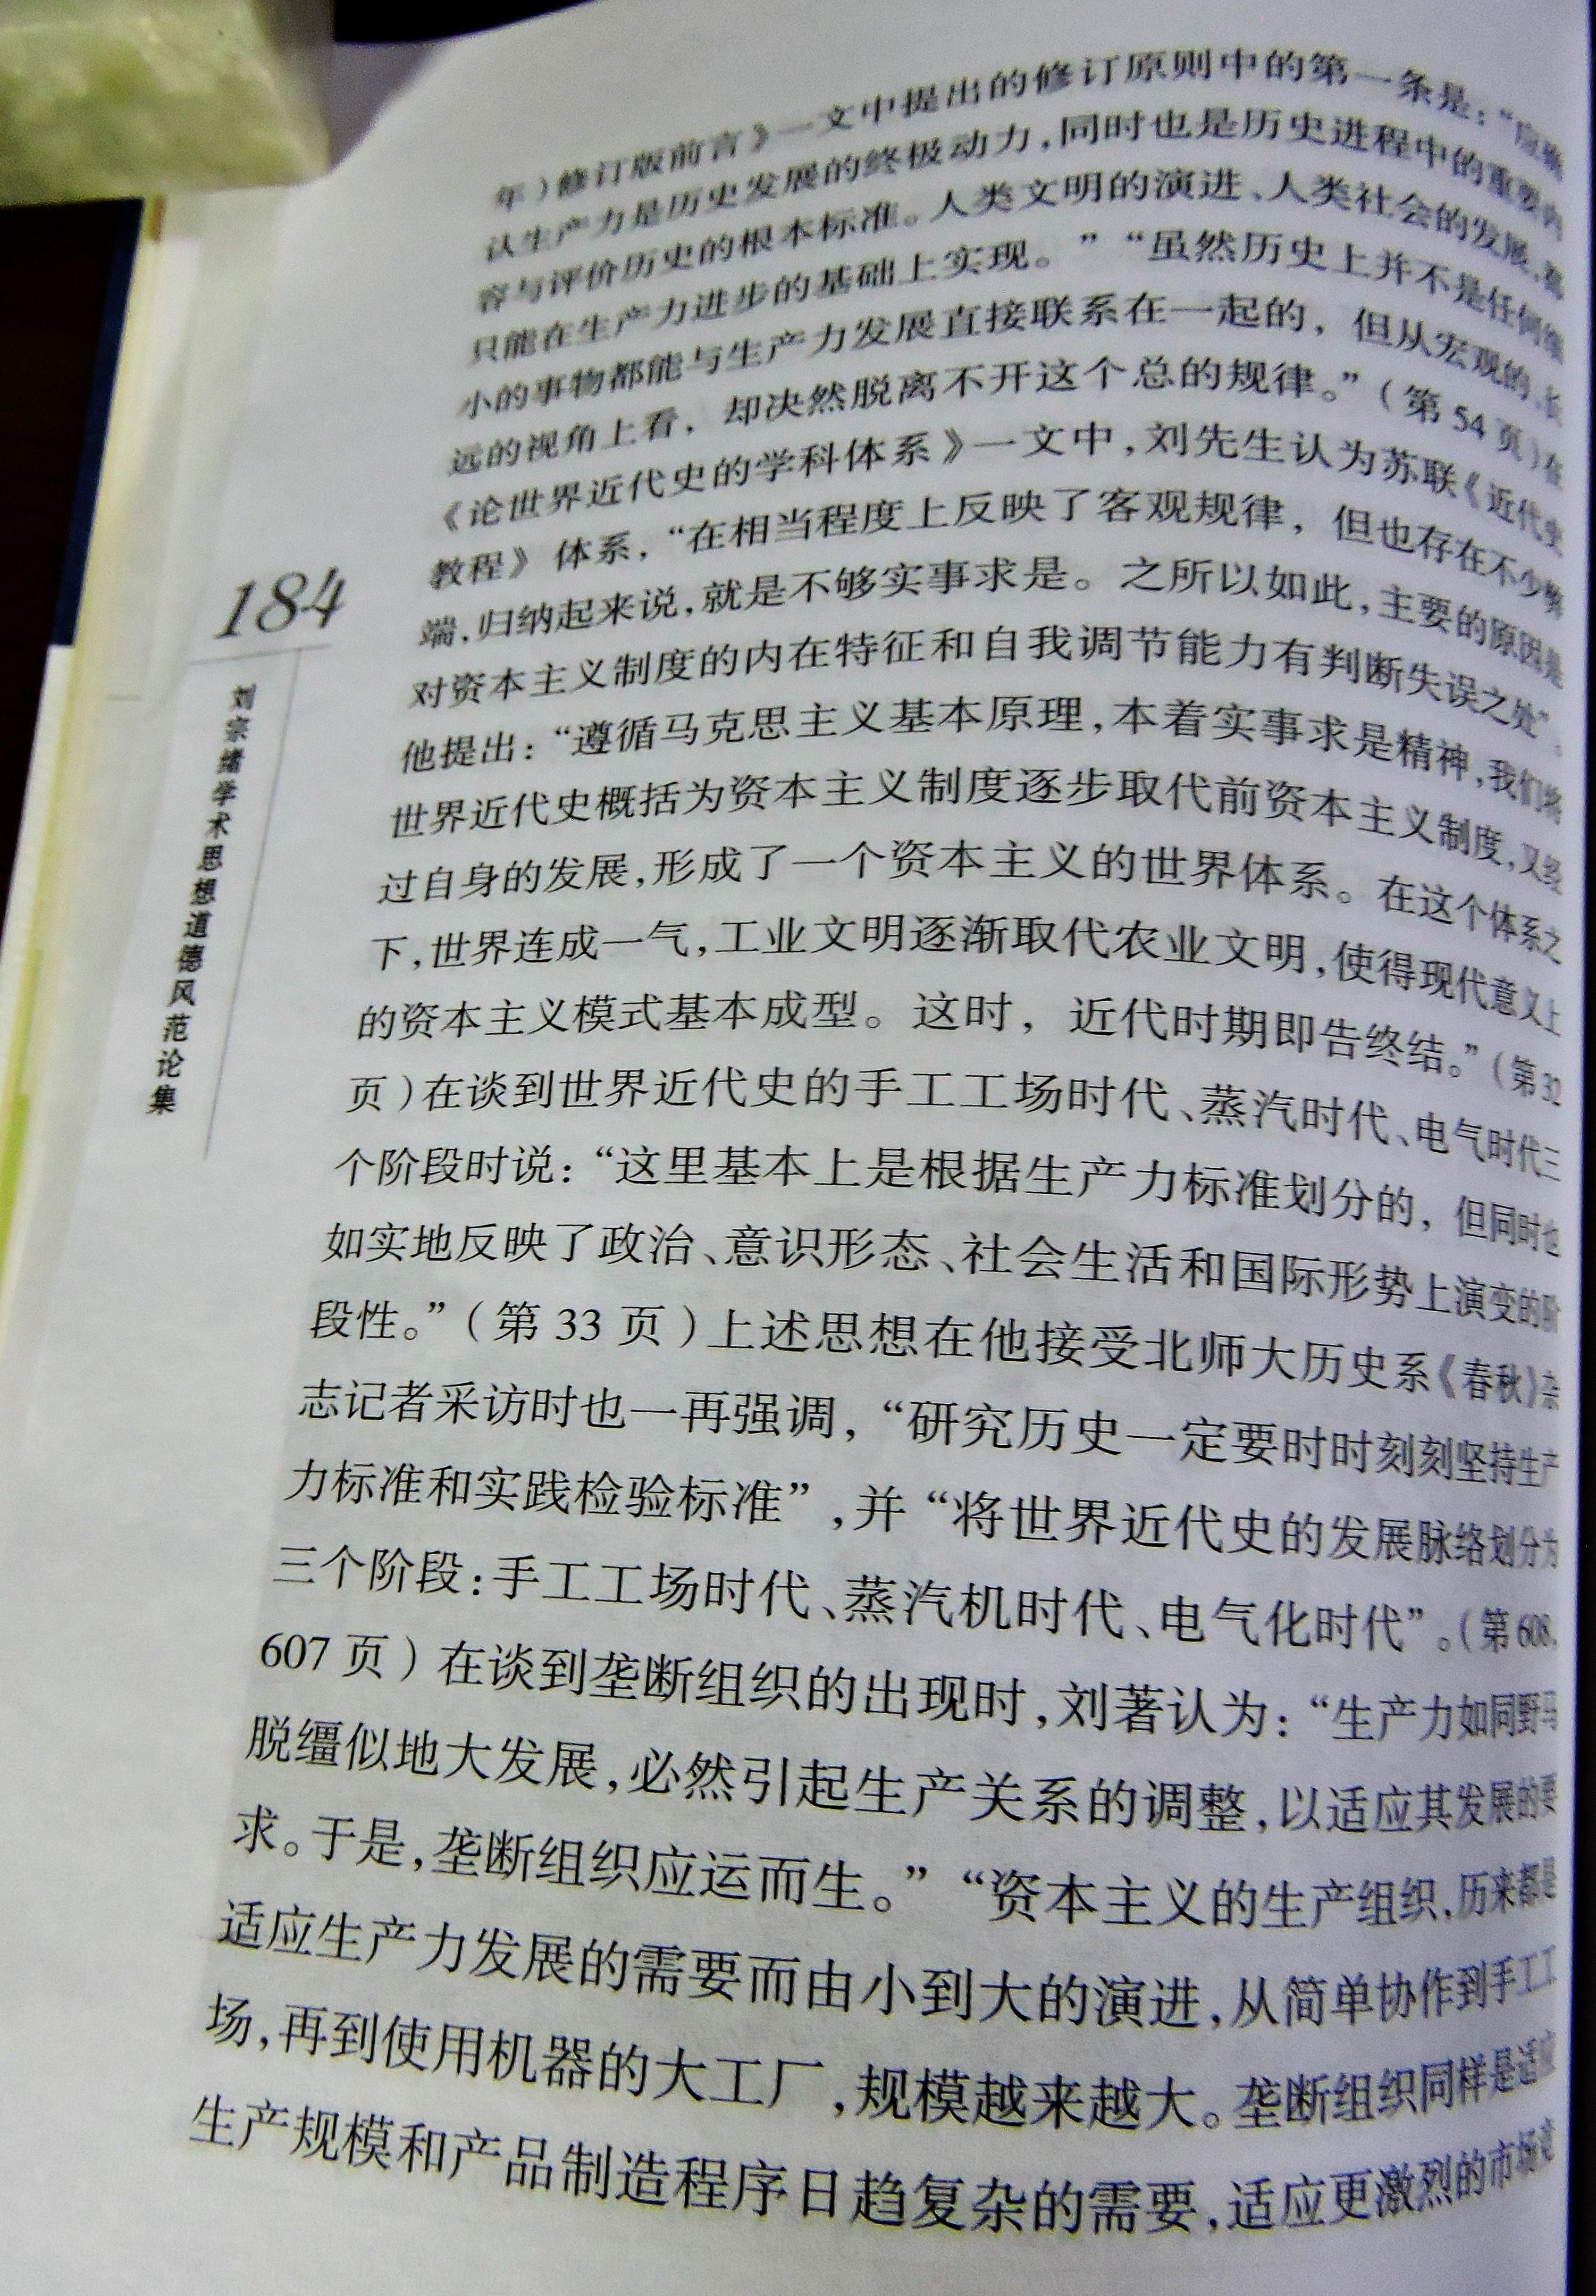 5 DSCN8597.jpg